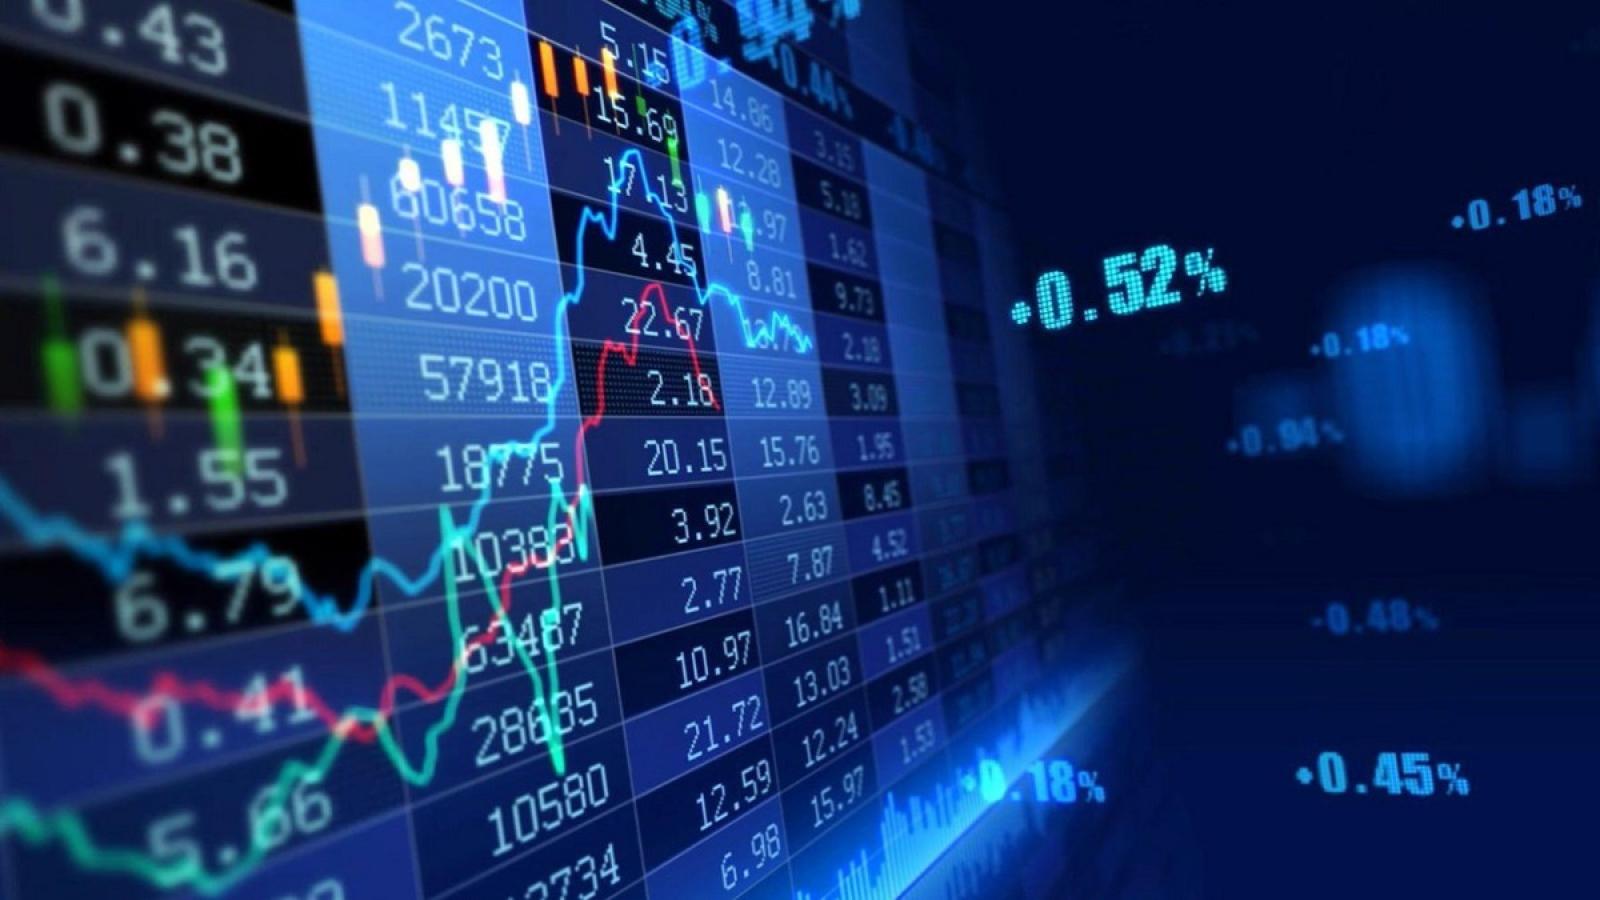 Nguyên tắc xác định khoản thu trái pháp luật trên thị trường chứng khoán